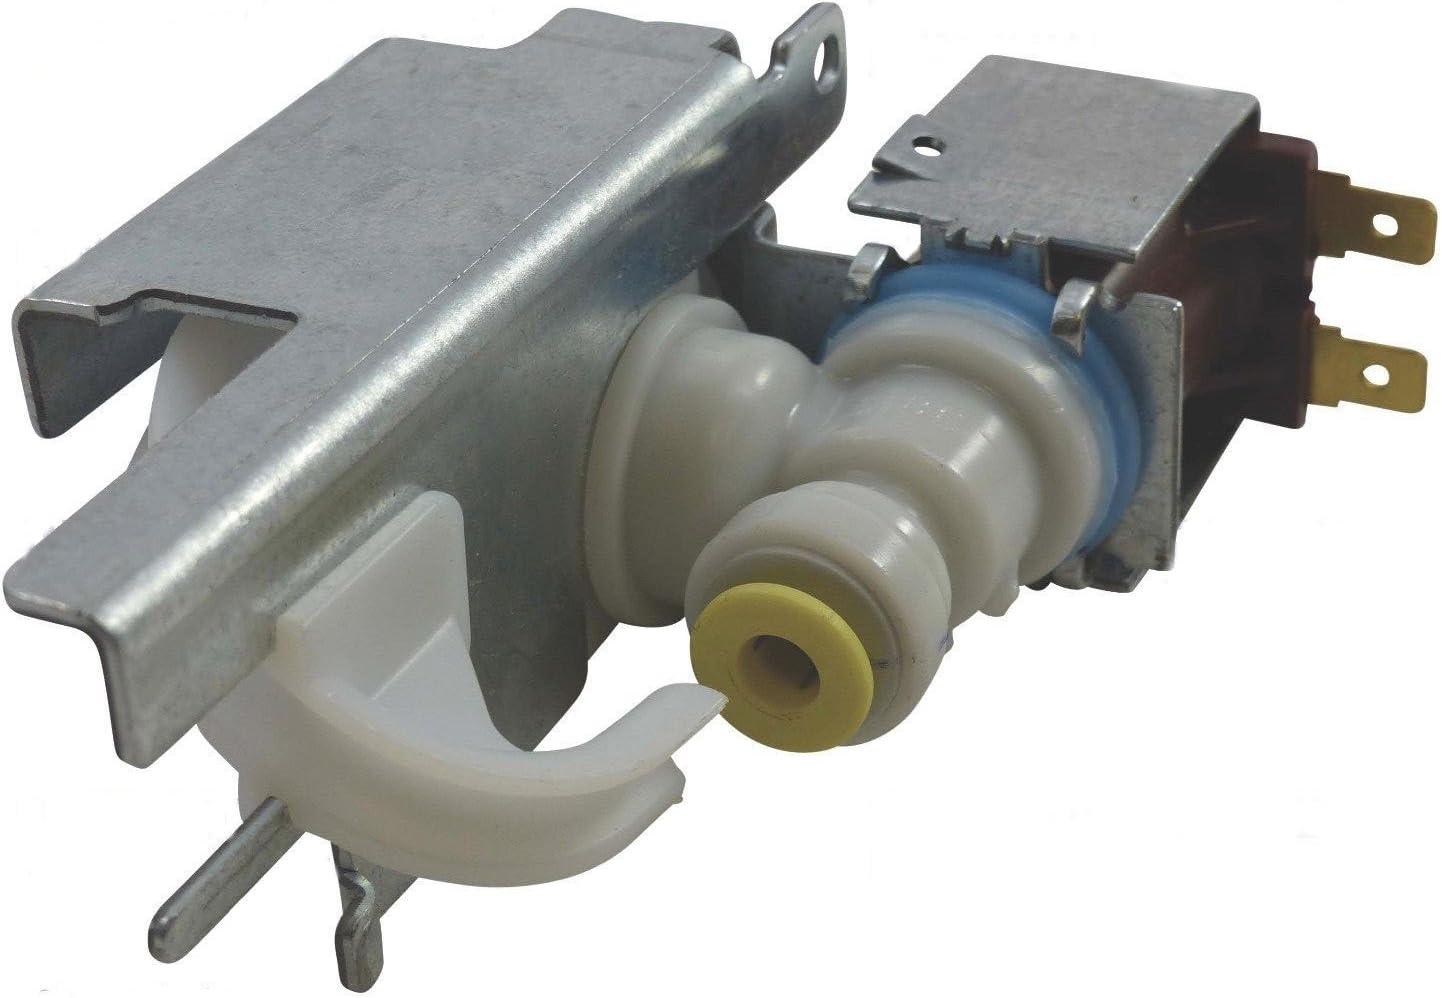 Samsung //Askoll Laugenpumpe für Waschmaschine S3032 VDE-REG D490 Nr. WT250